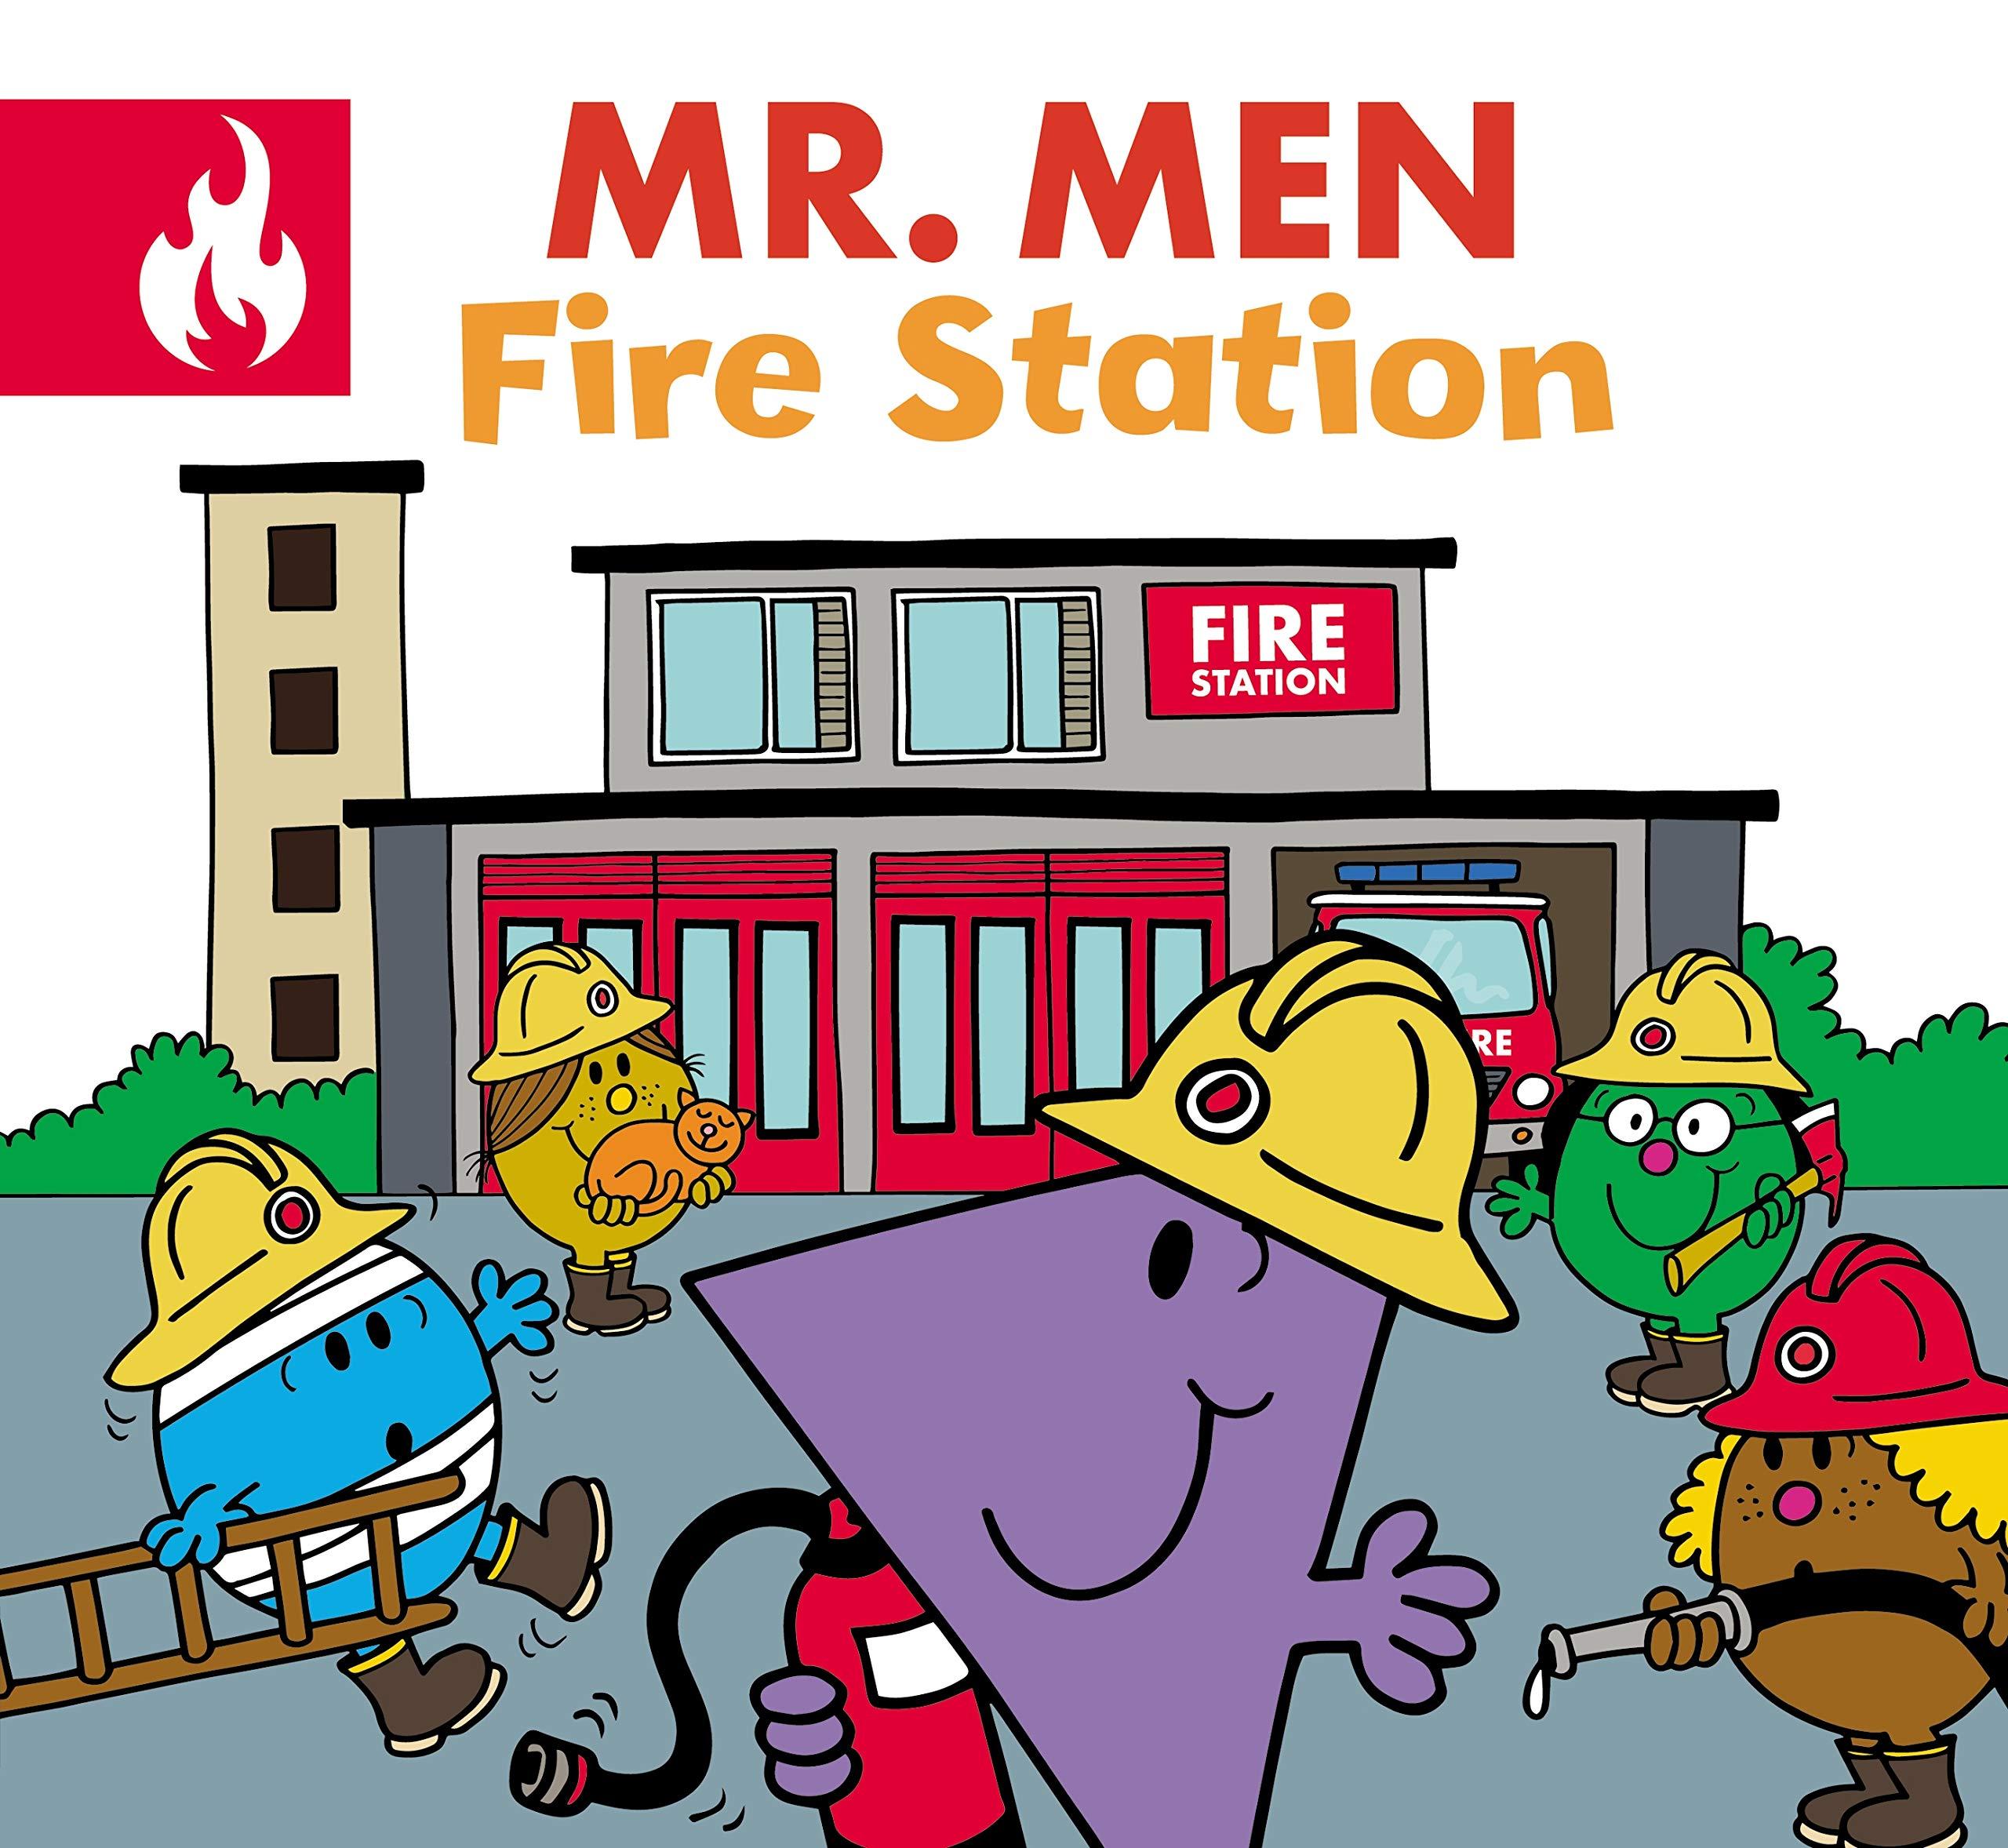 Mr. Men Fire Station